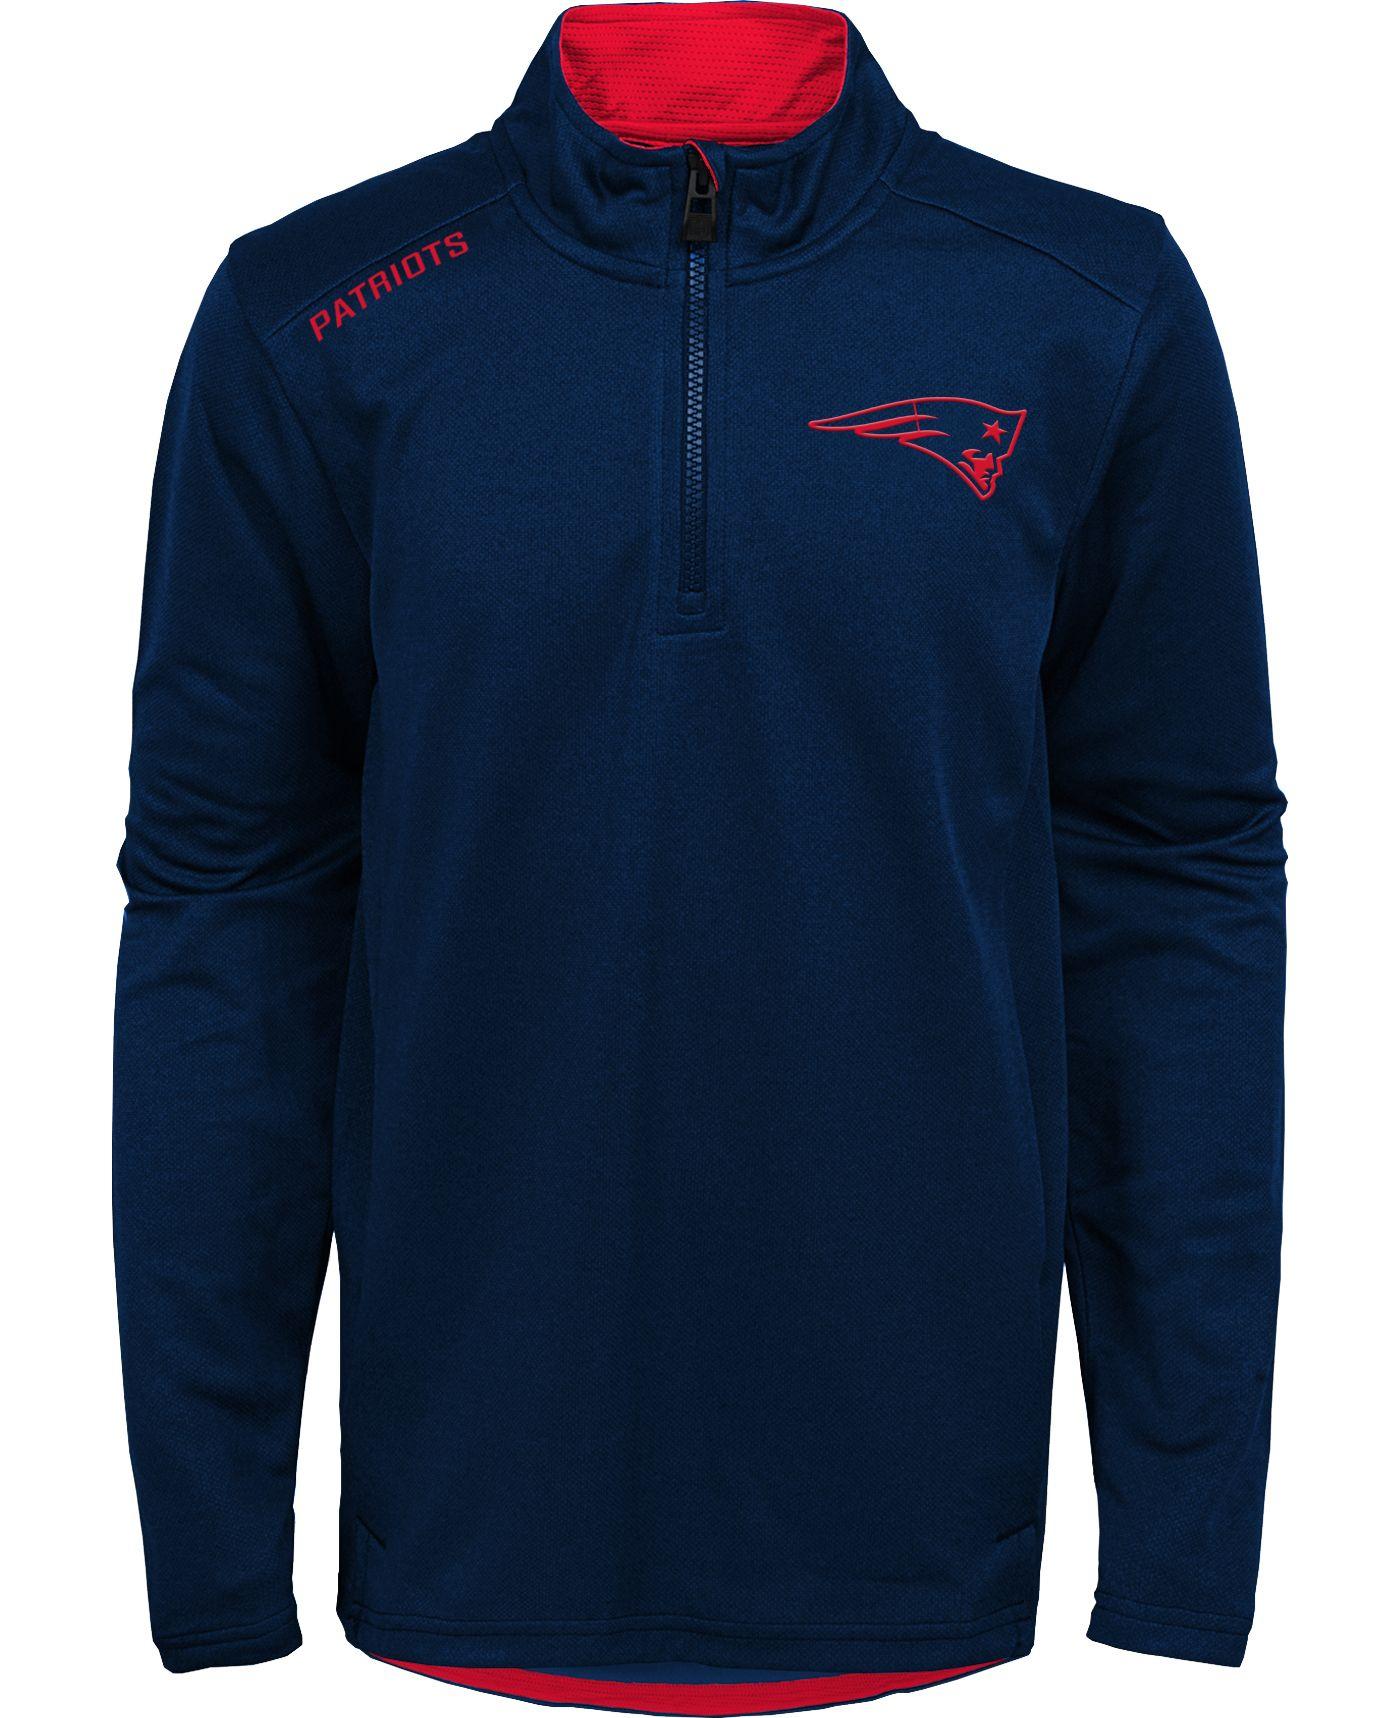 NFL Team Apparel Youth New England Patriots Unlock Navy Quarter-Zip Pullover